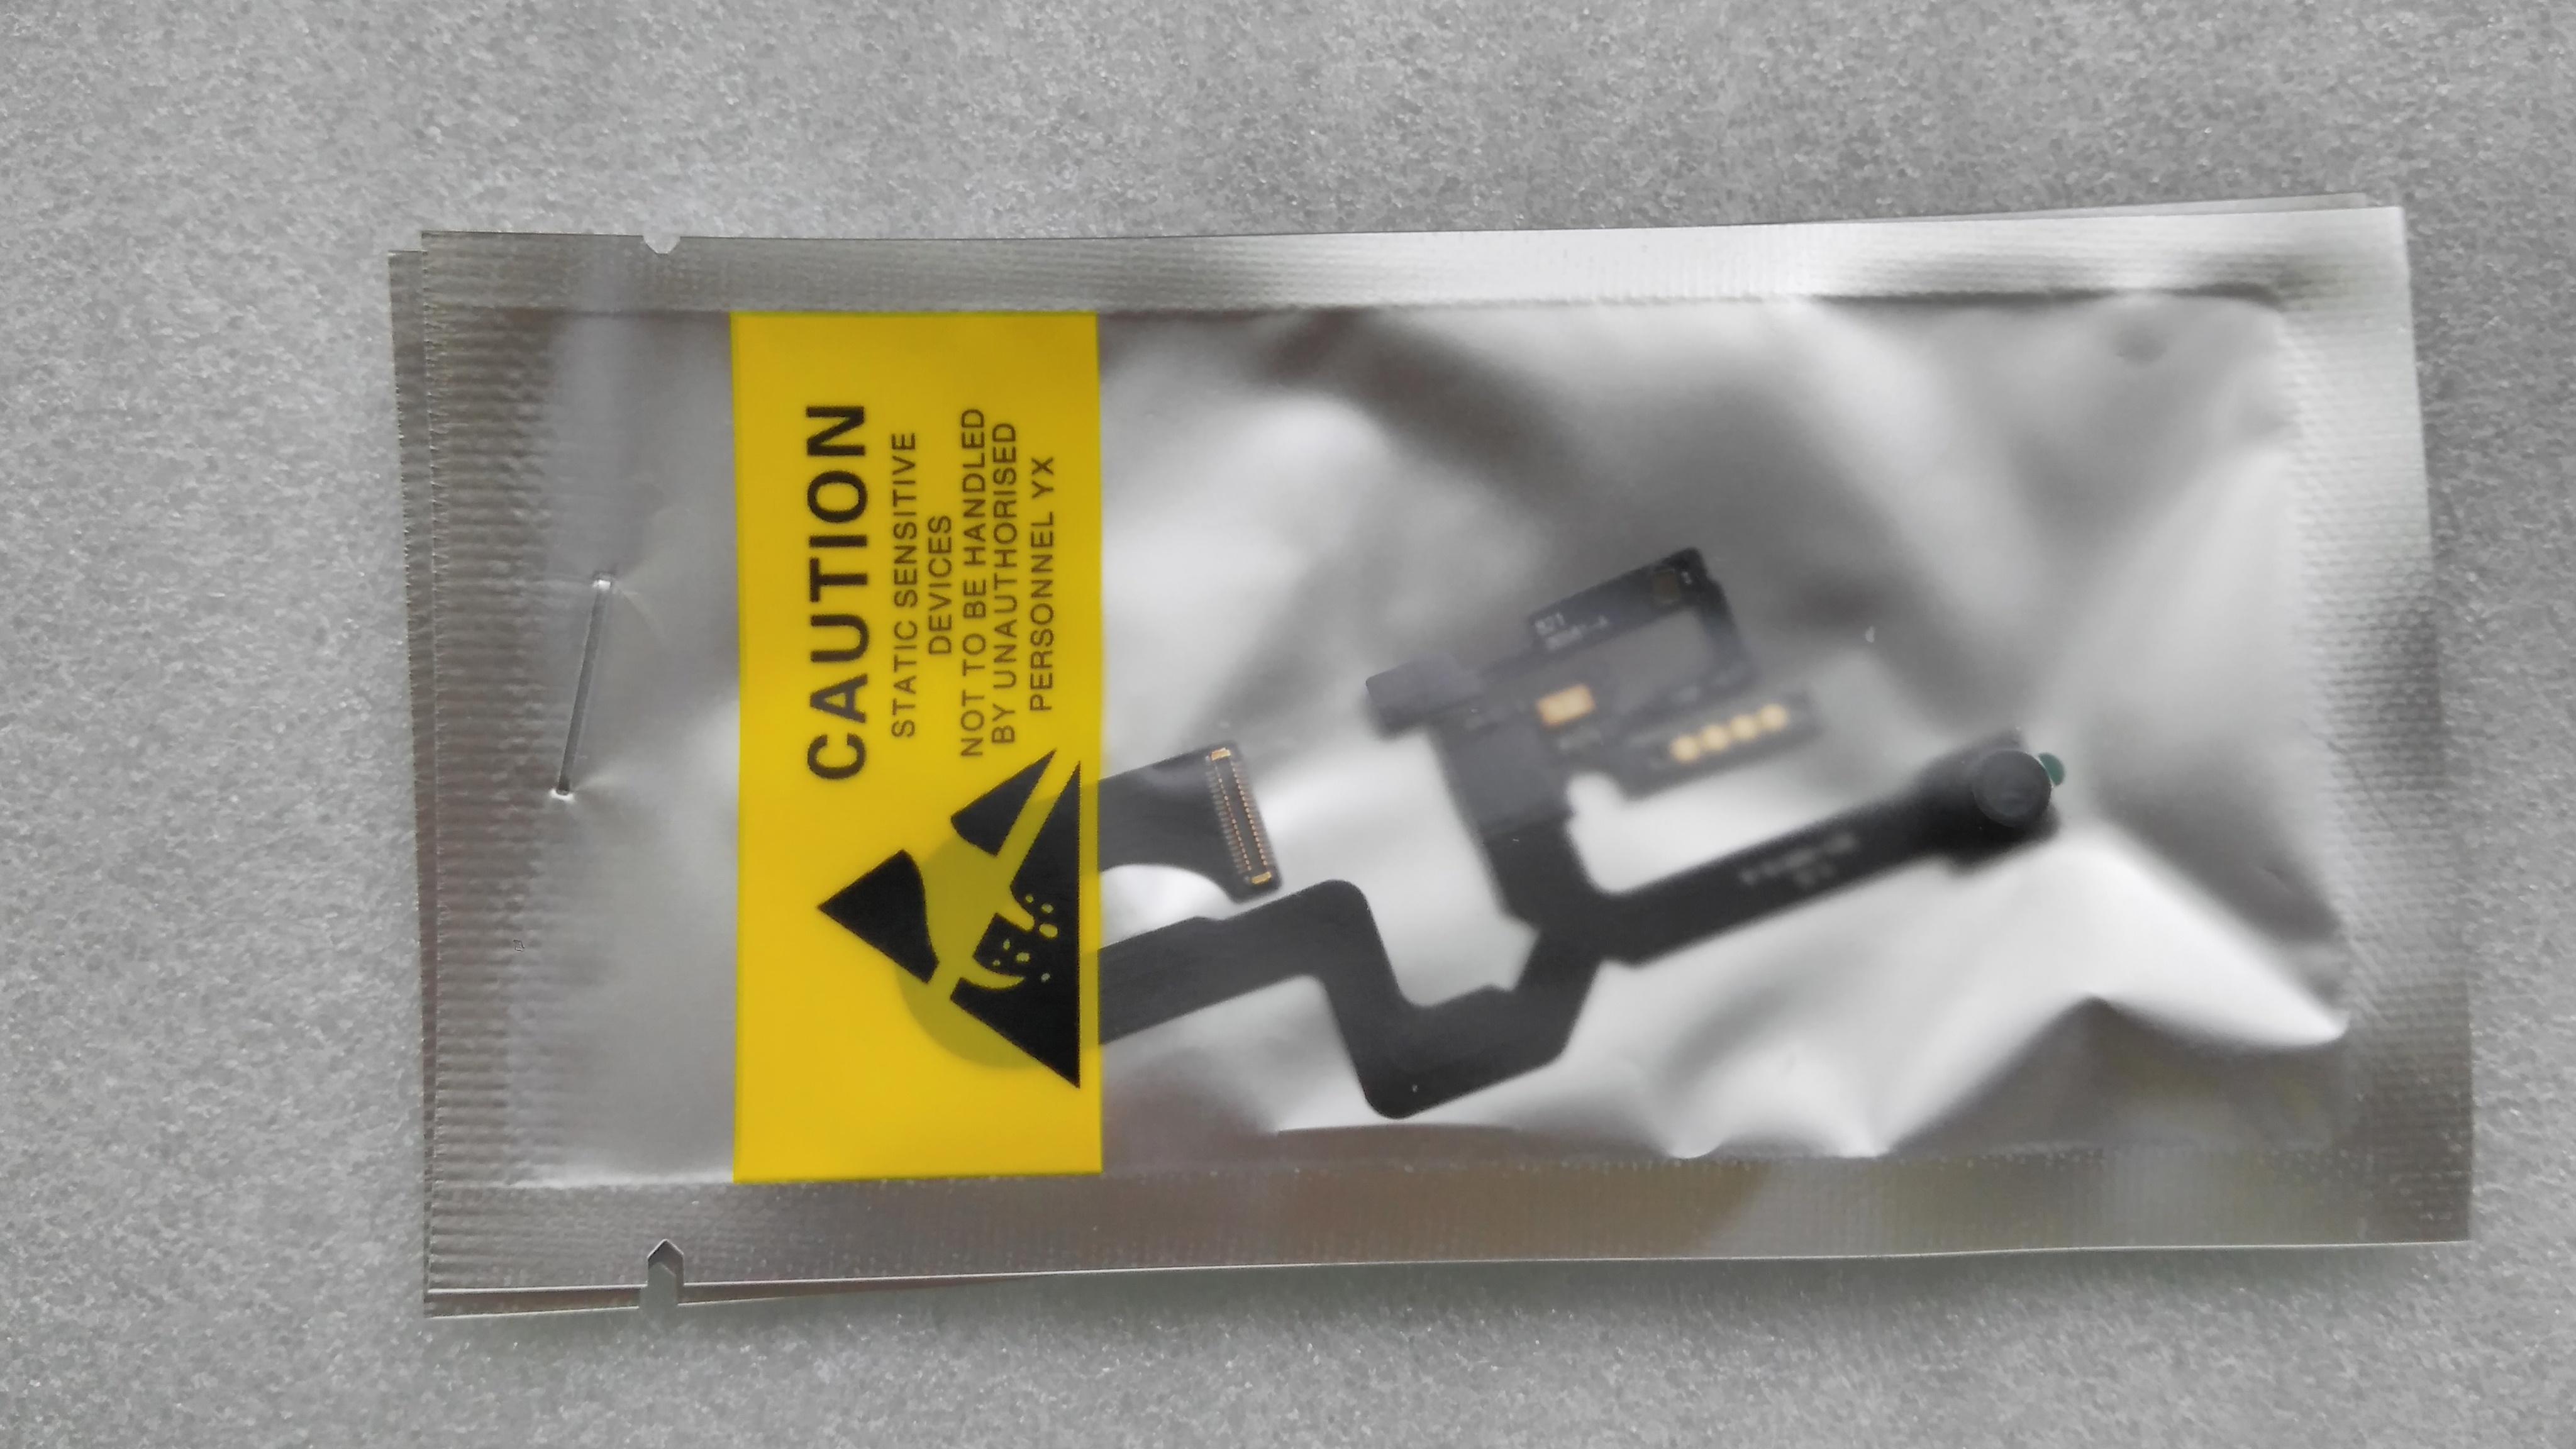 Fleksibel Kamera Depan Iphone 6 / 6G Model A1549 A1586 A1589 Original